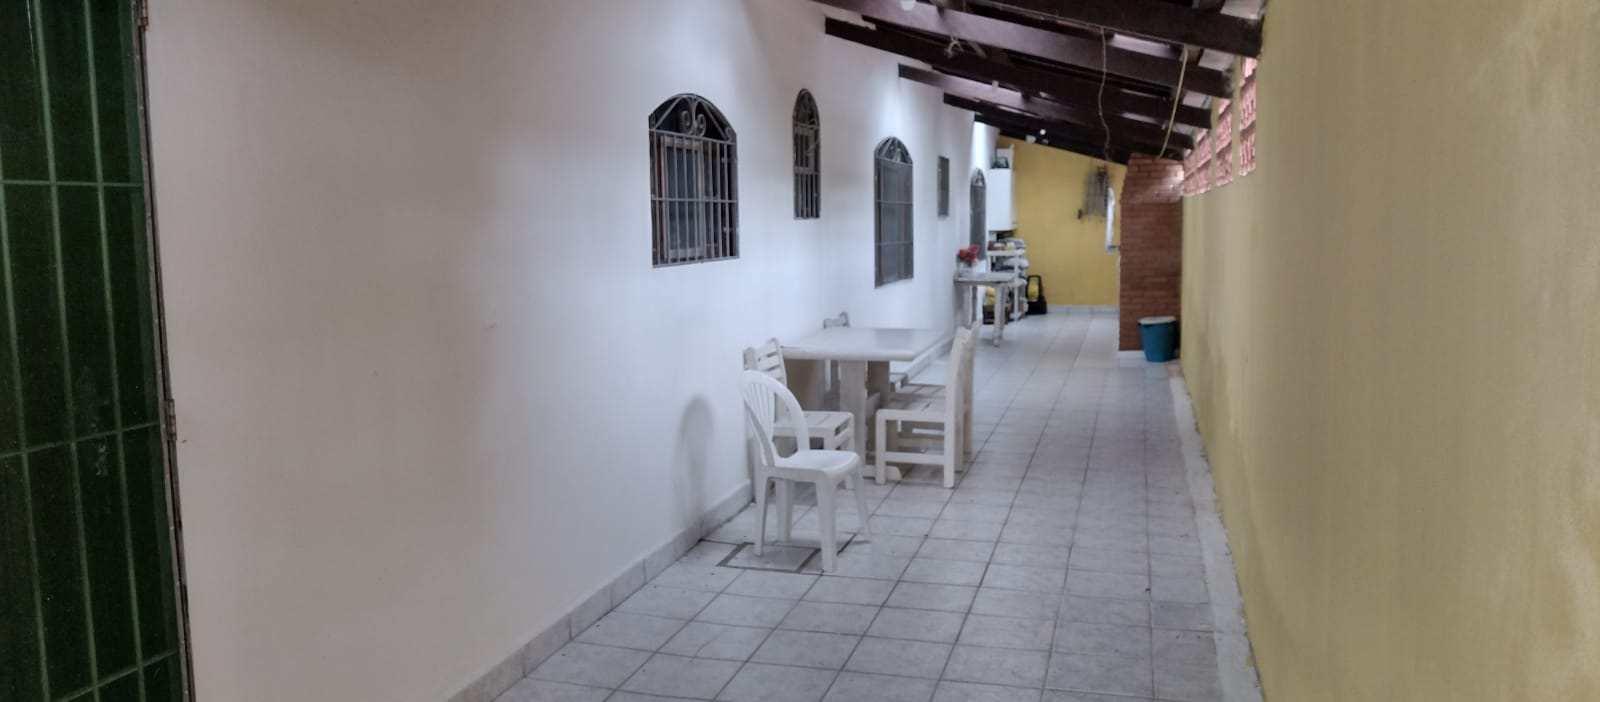 Casa com 2 dorms, Balneário Anchieta, Mongaguá - R$ 190 mil, Cod: 287182